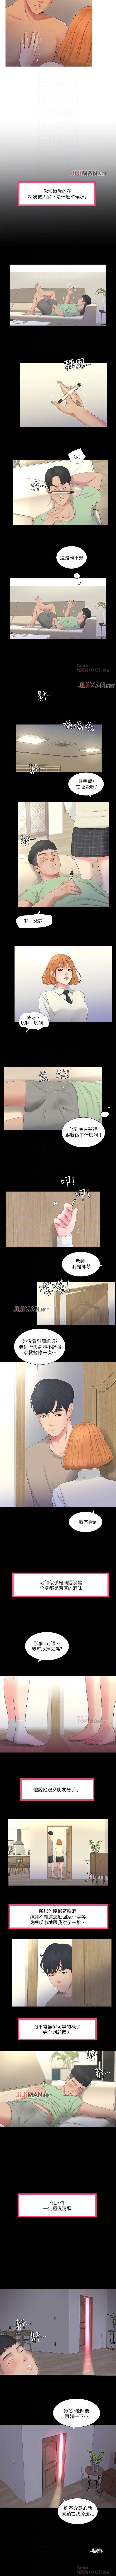 【周四连载】亲家四姐妹(作者:愛摸) 第1~27话 16